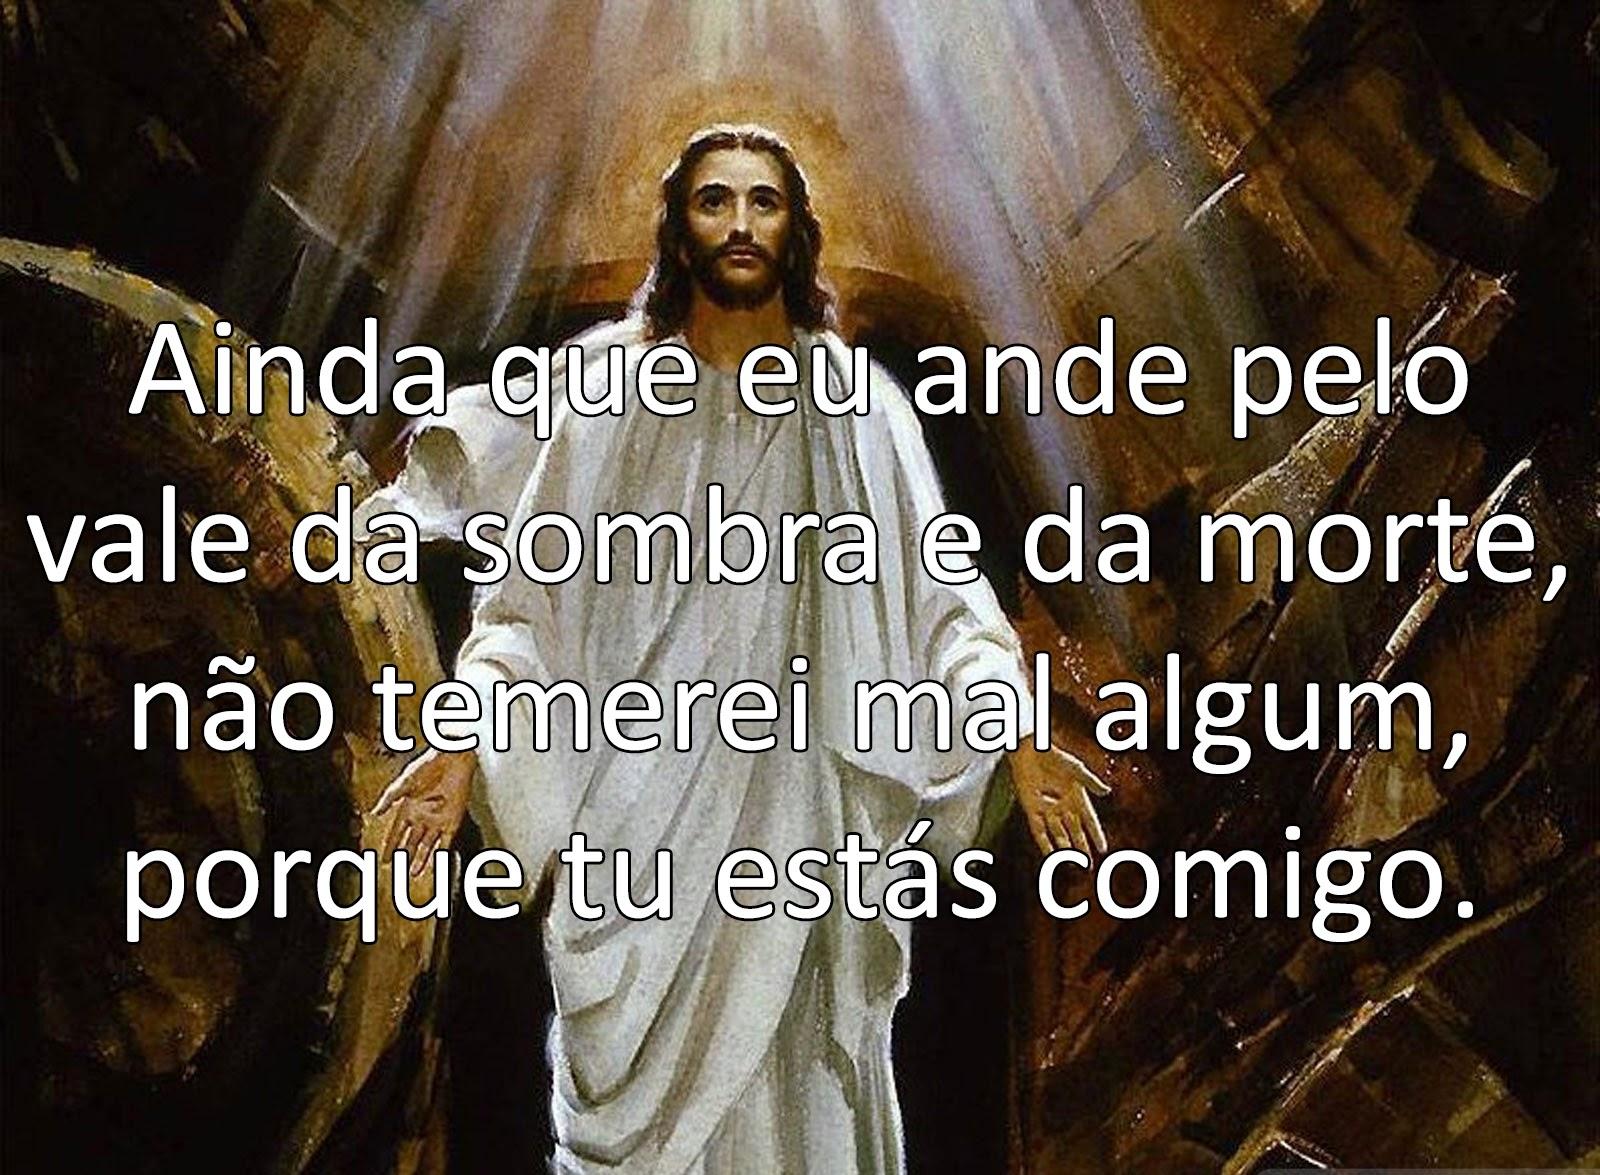 Fotos Imagens De Jesus Cristo De Nazaré Imagens Com Frases De Jesus